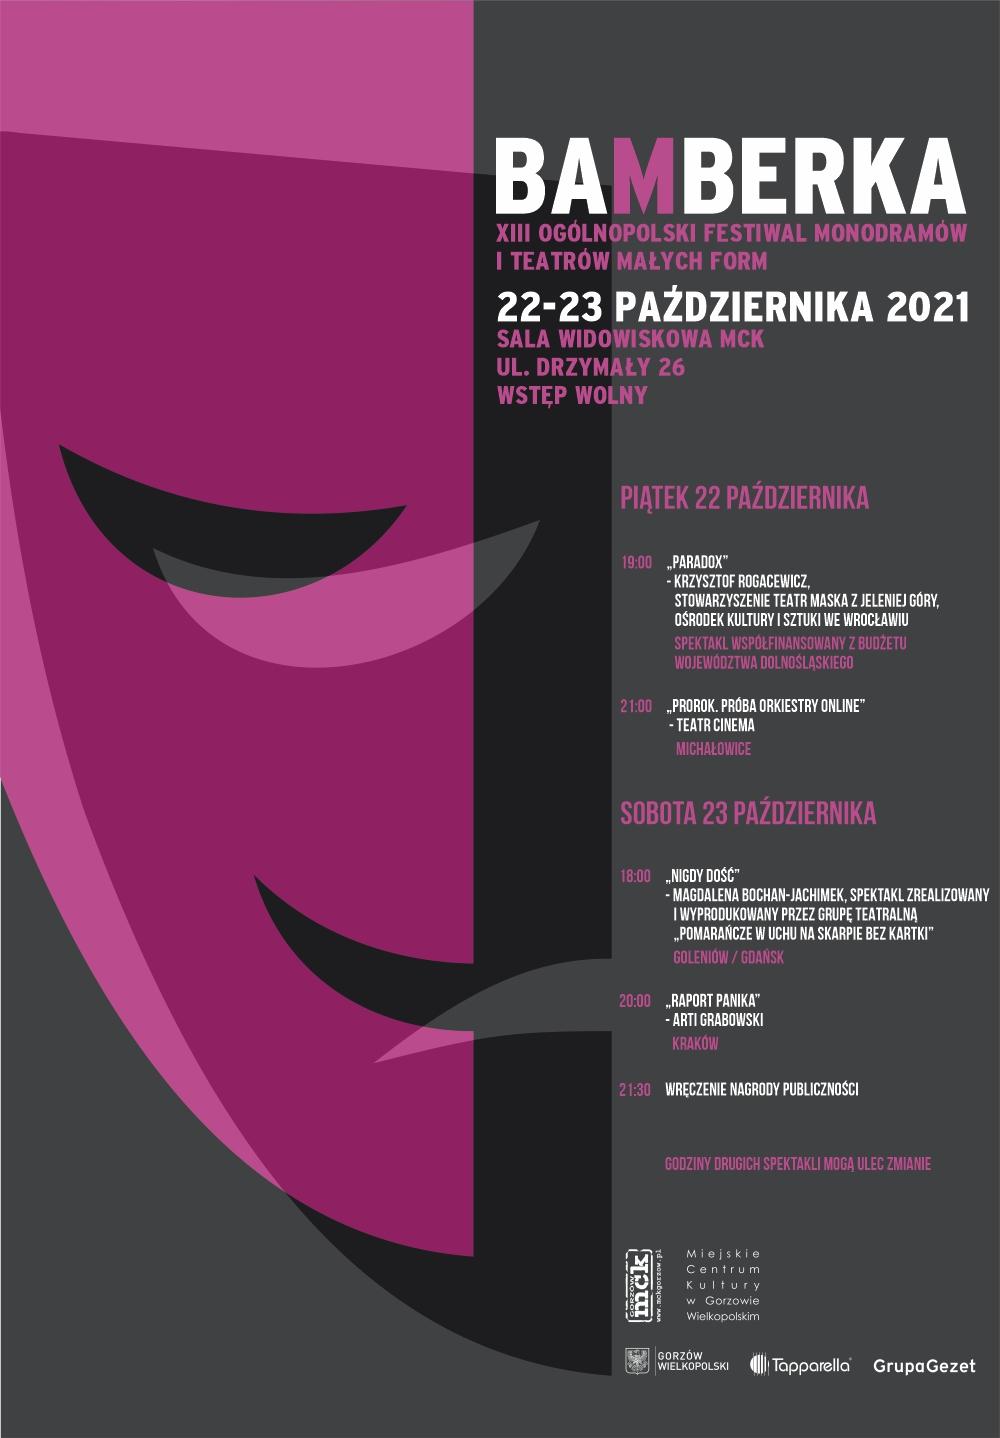 Grafika wydarzenia Bamberka 2021